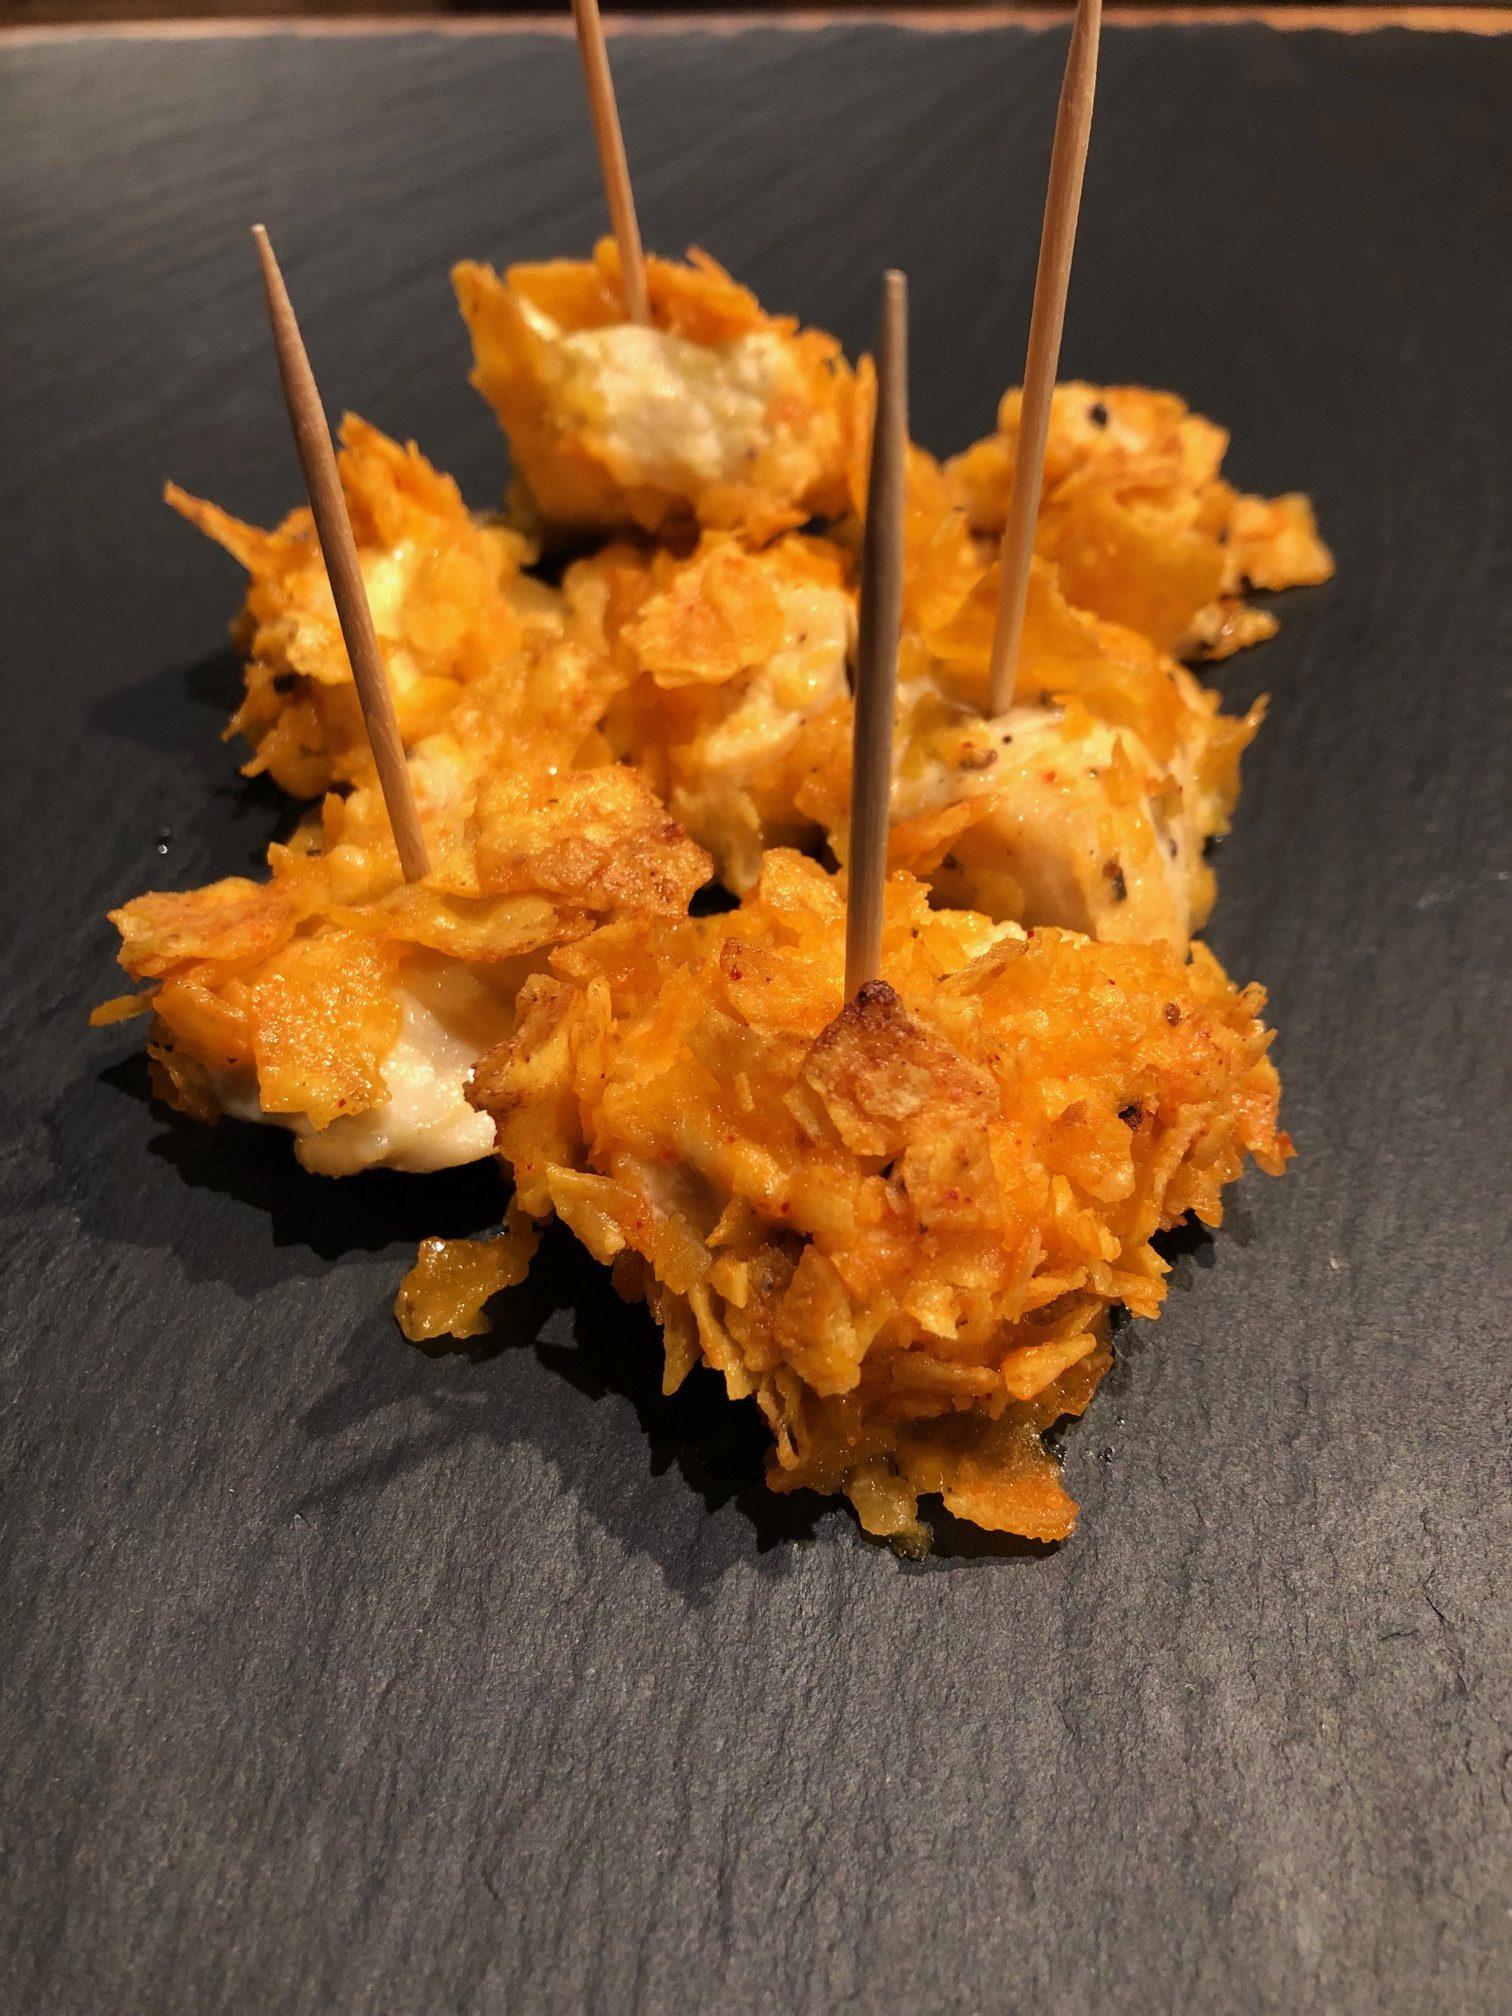 #recettesfamille #recttesansnoix #recettesansarachide #pouletdoritos #doritos #pouletchipsdoritos #rectterapide #recettefacile #recetteentree